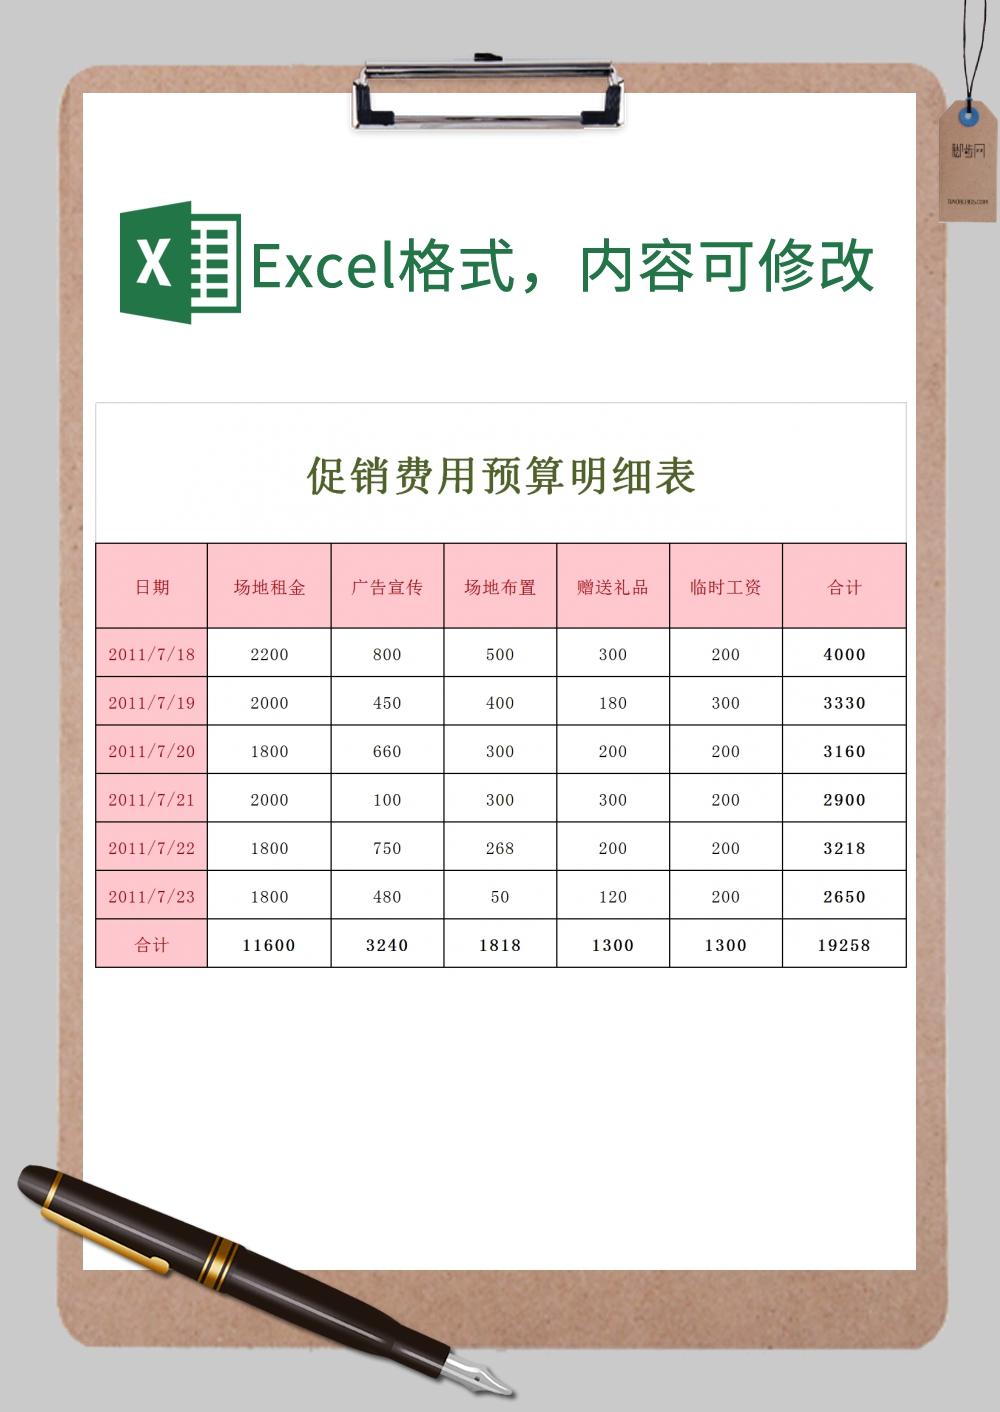 促销费用预算明细表xExcel模板